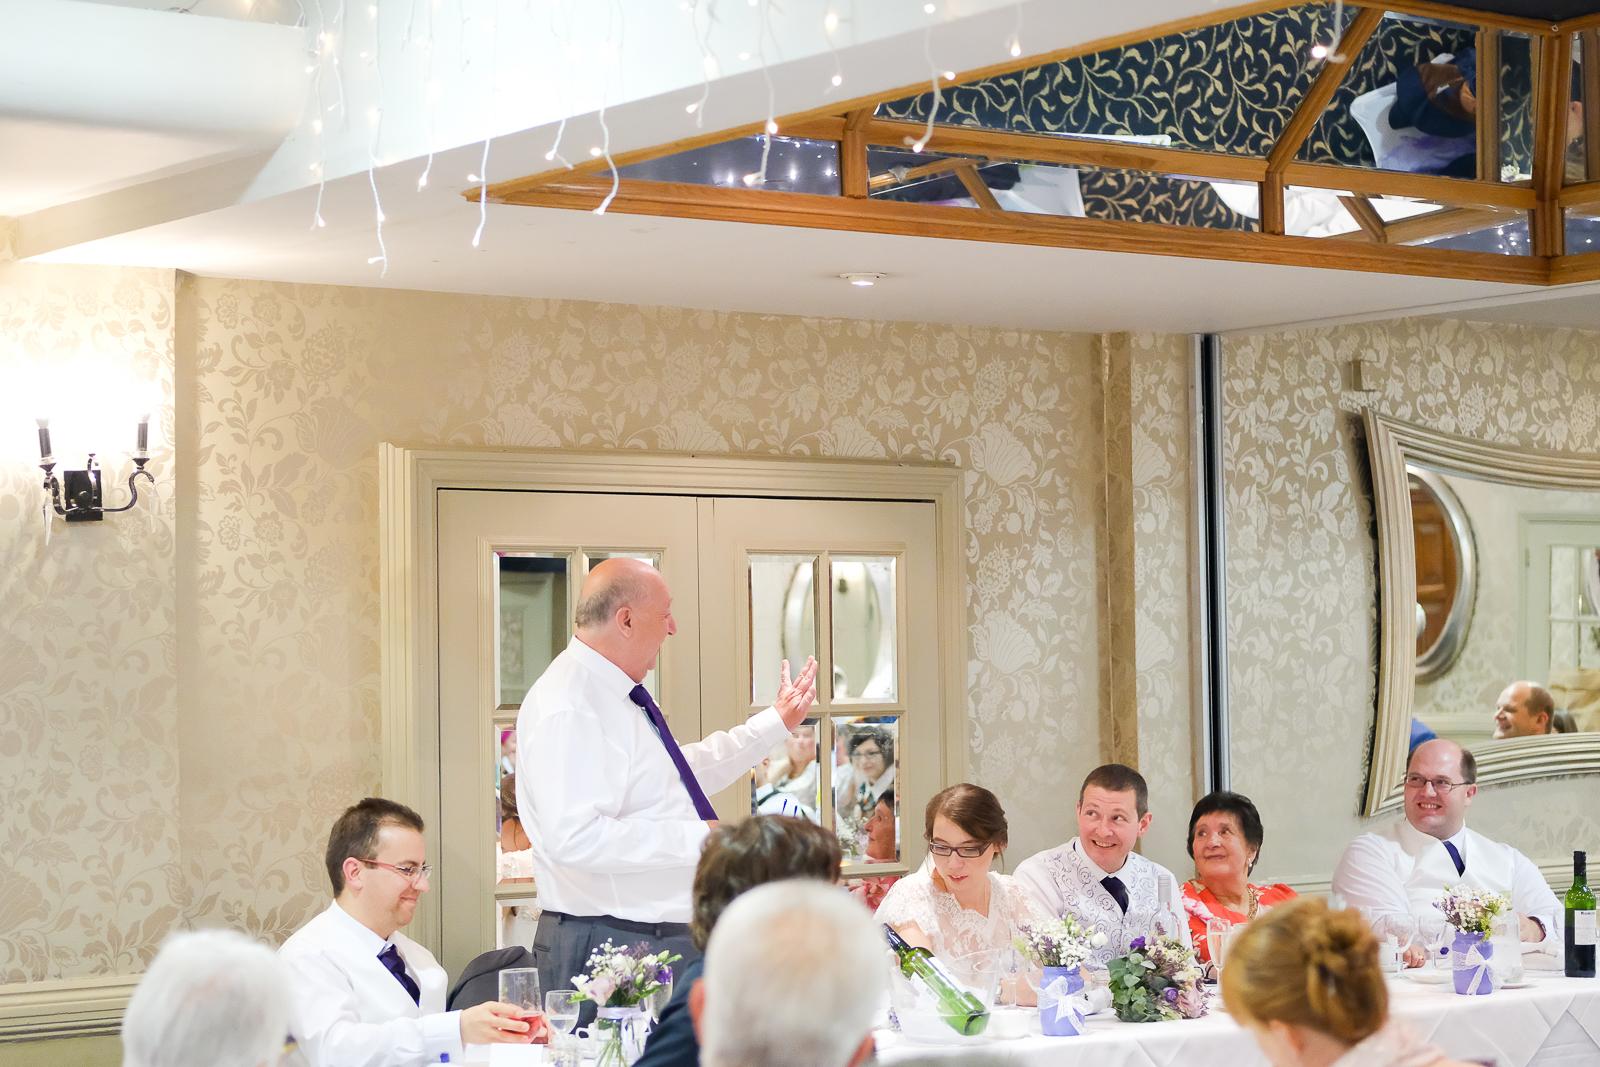 Belmont Hotel Wedding in Leicester 051.jpg